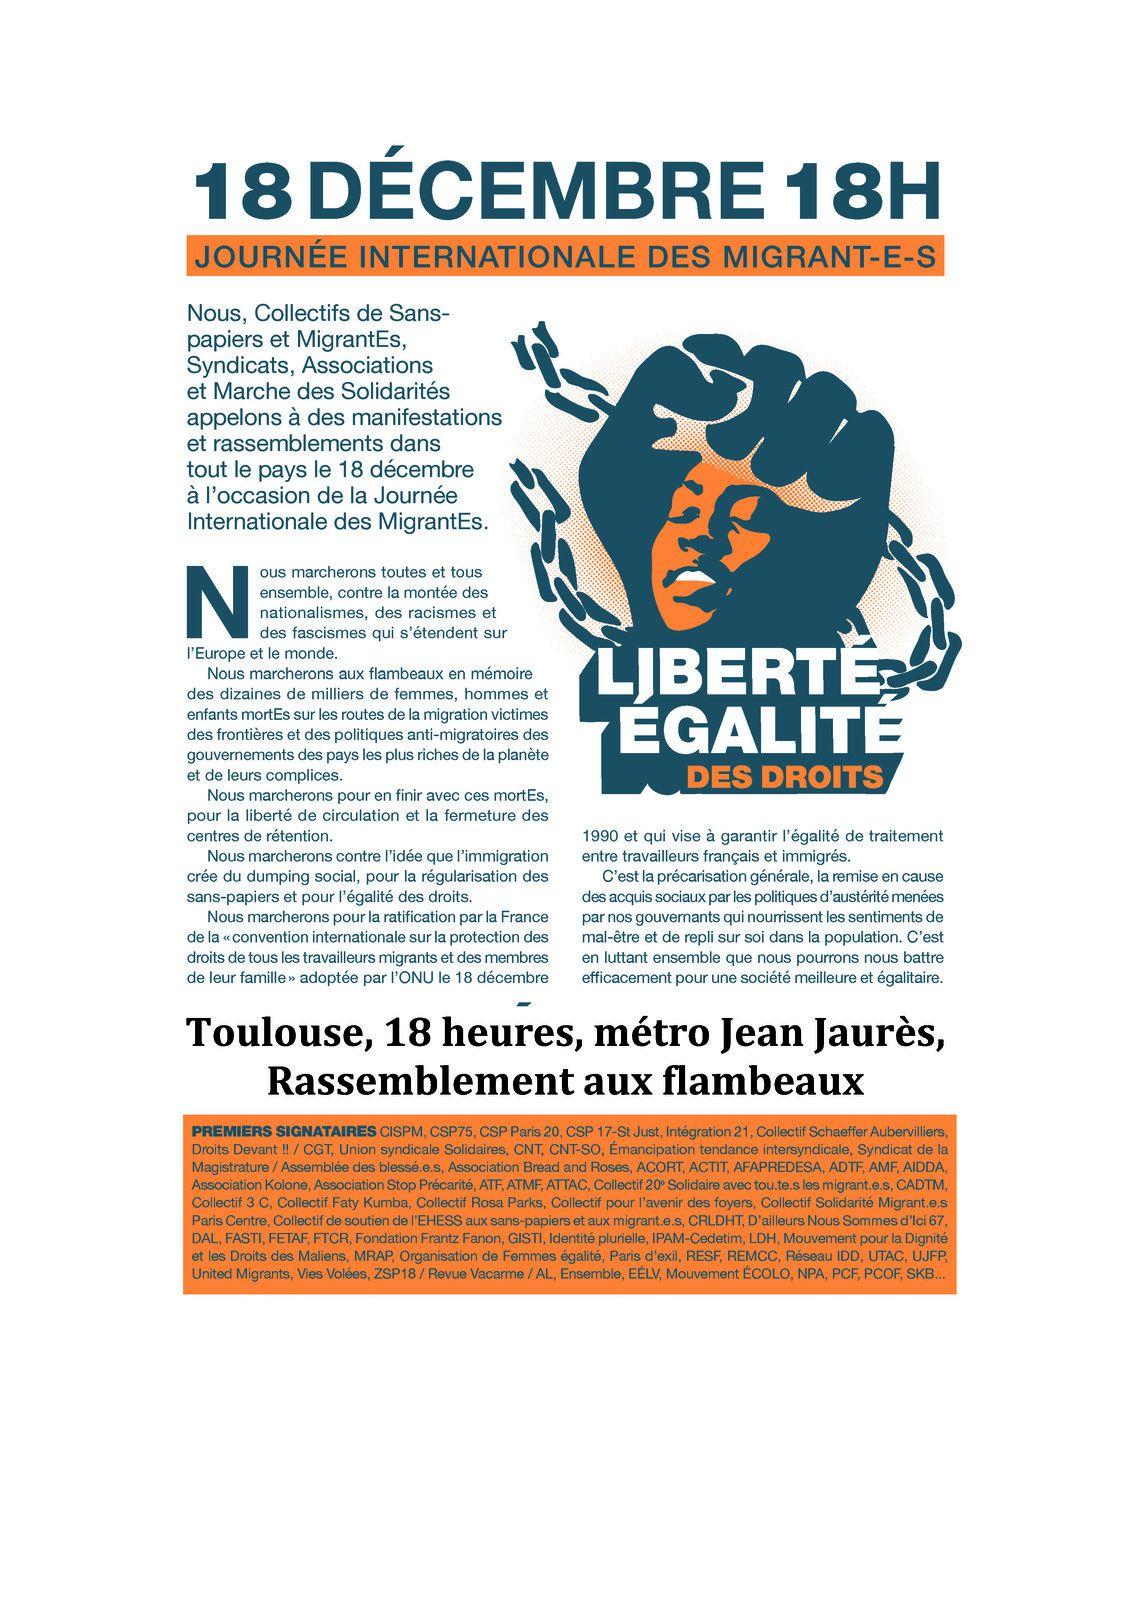 18 décembre 18h Retraite aux flambeaux pour la Journée internationale des migrant·es